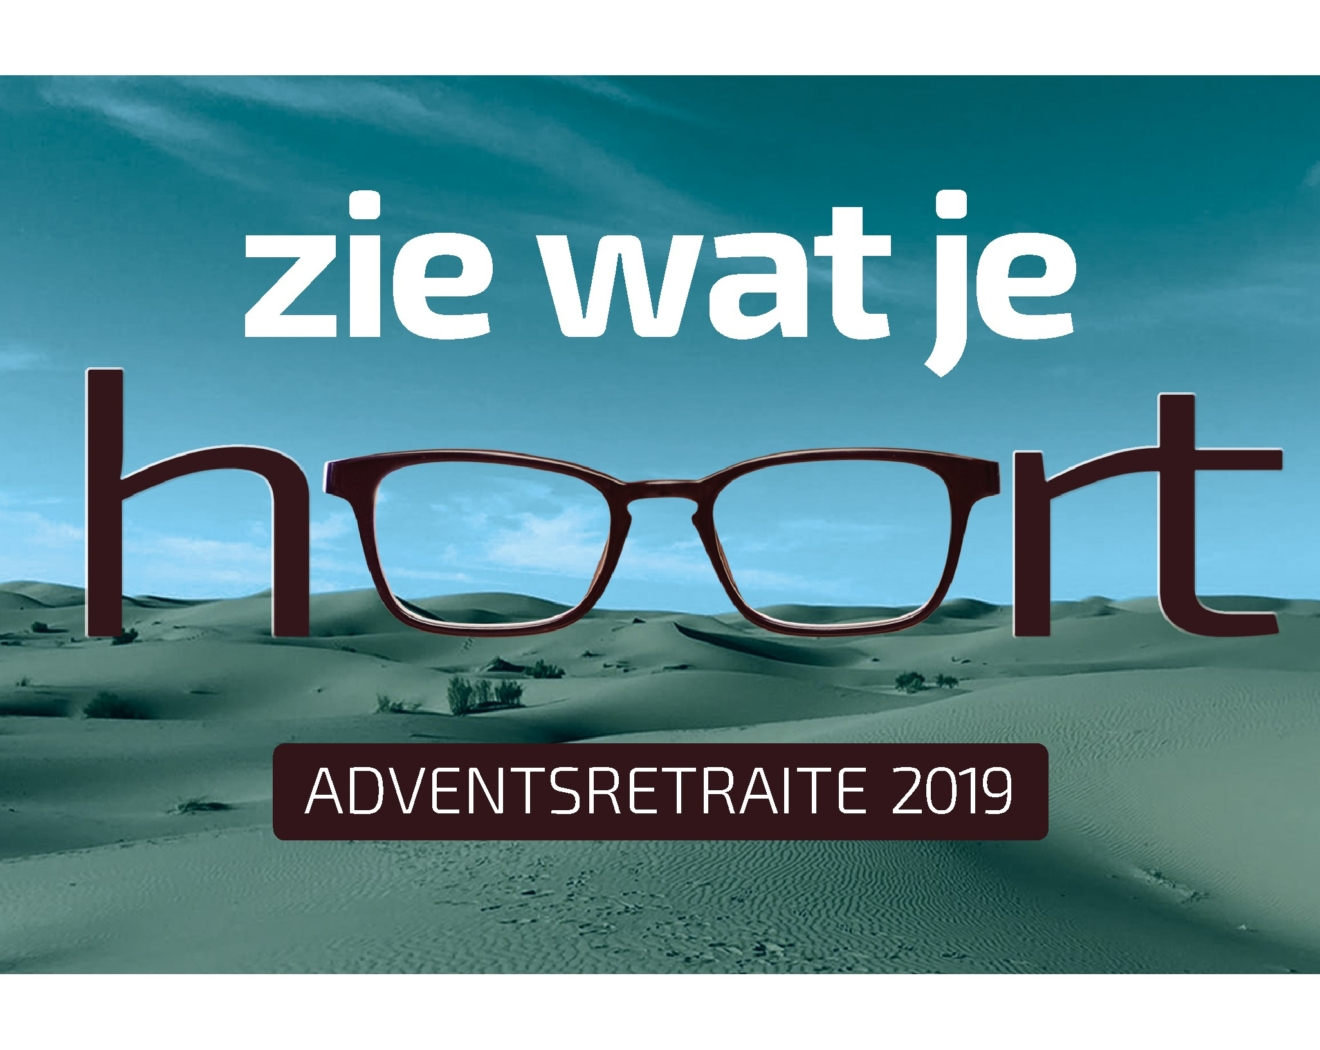 'Zie wat je hoort': Adventsretraite 2019